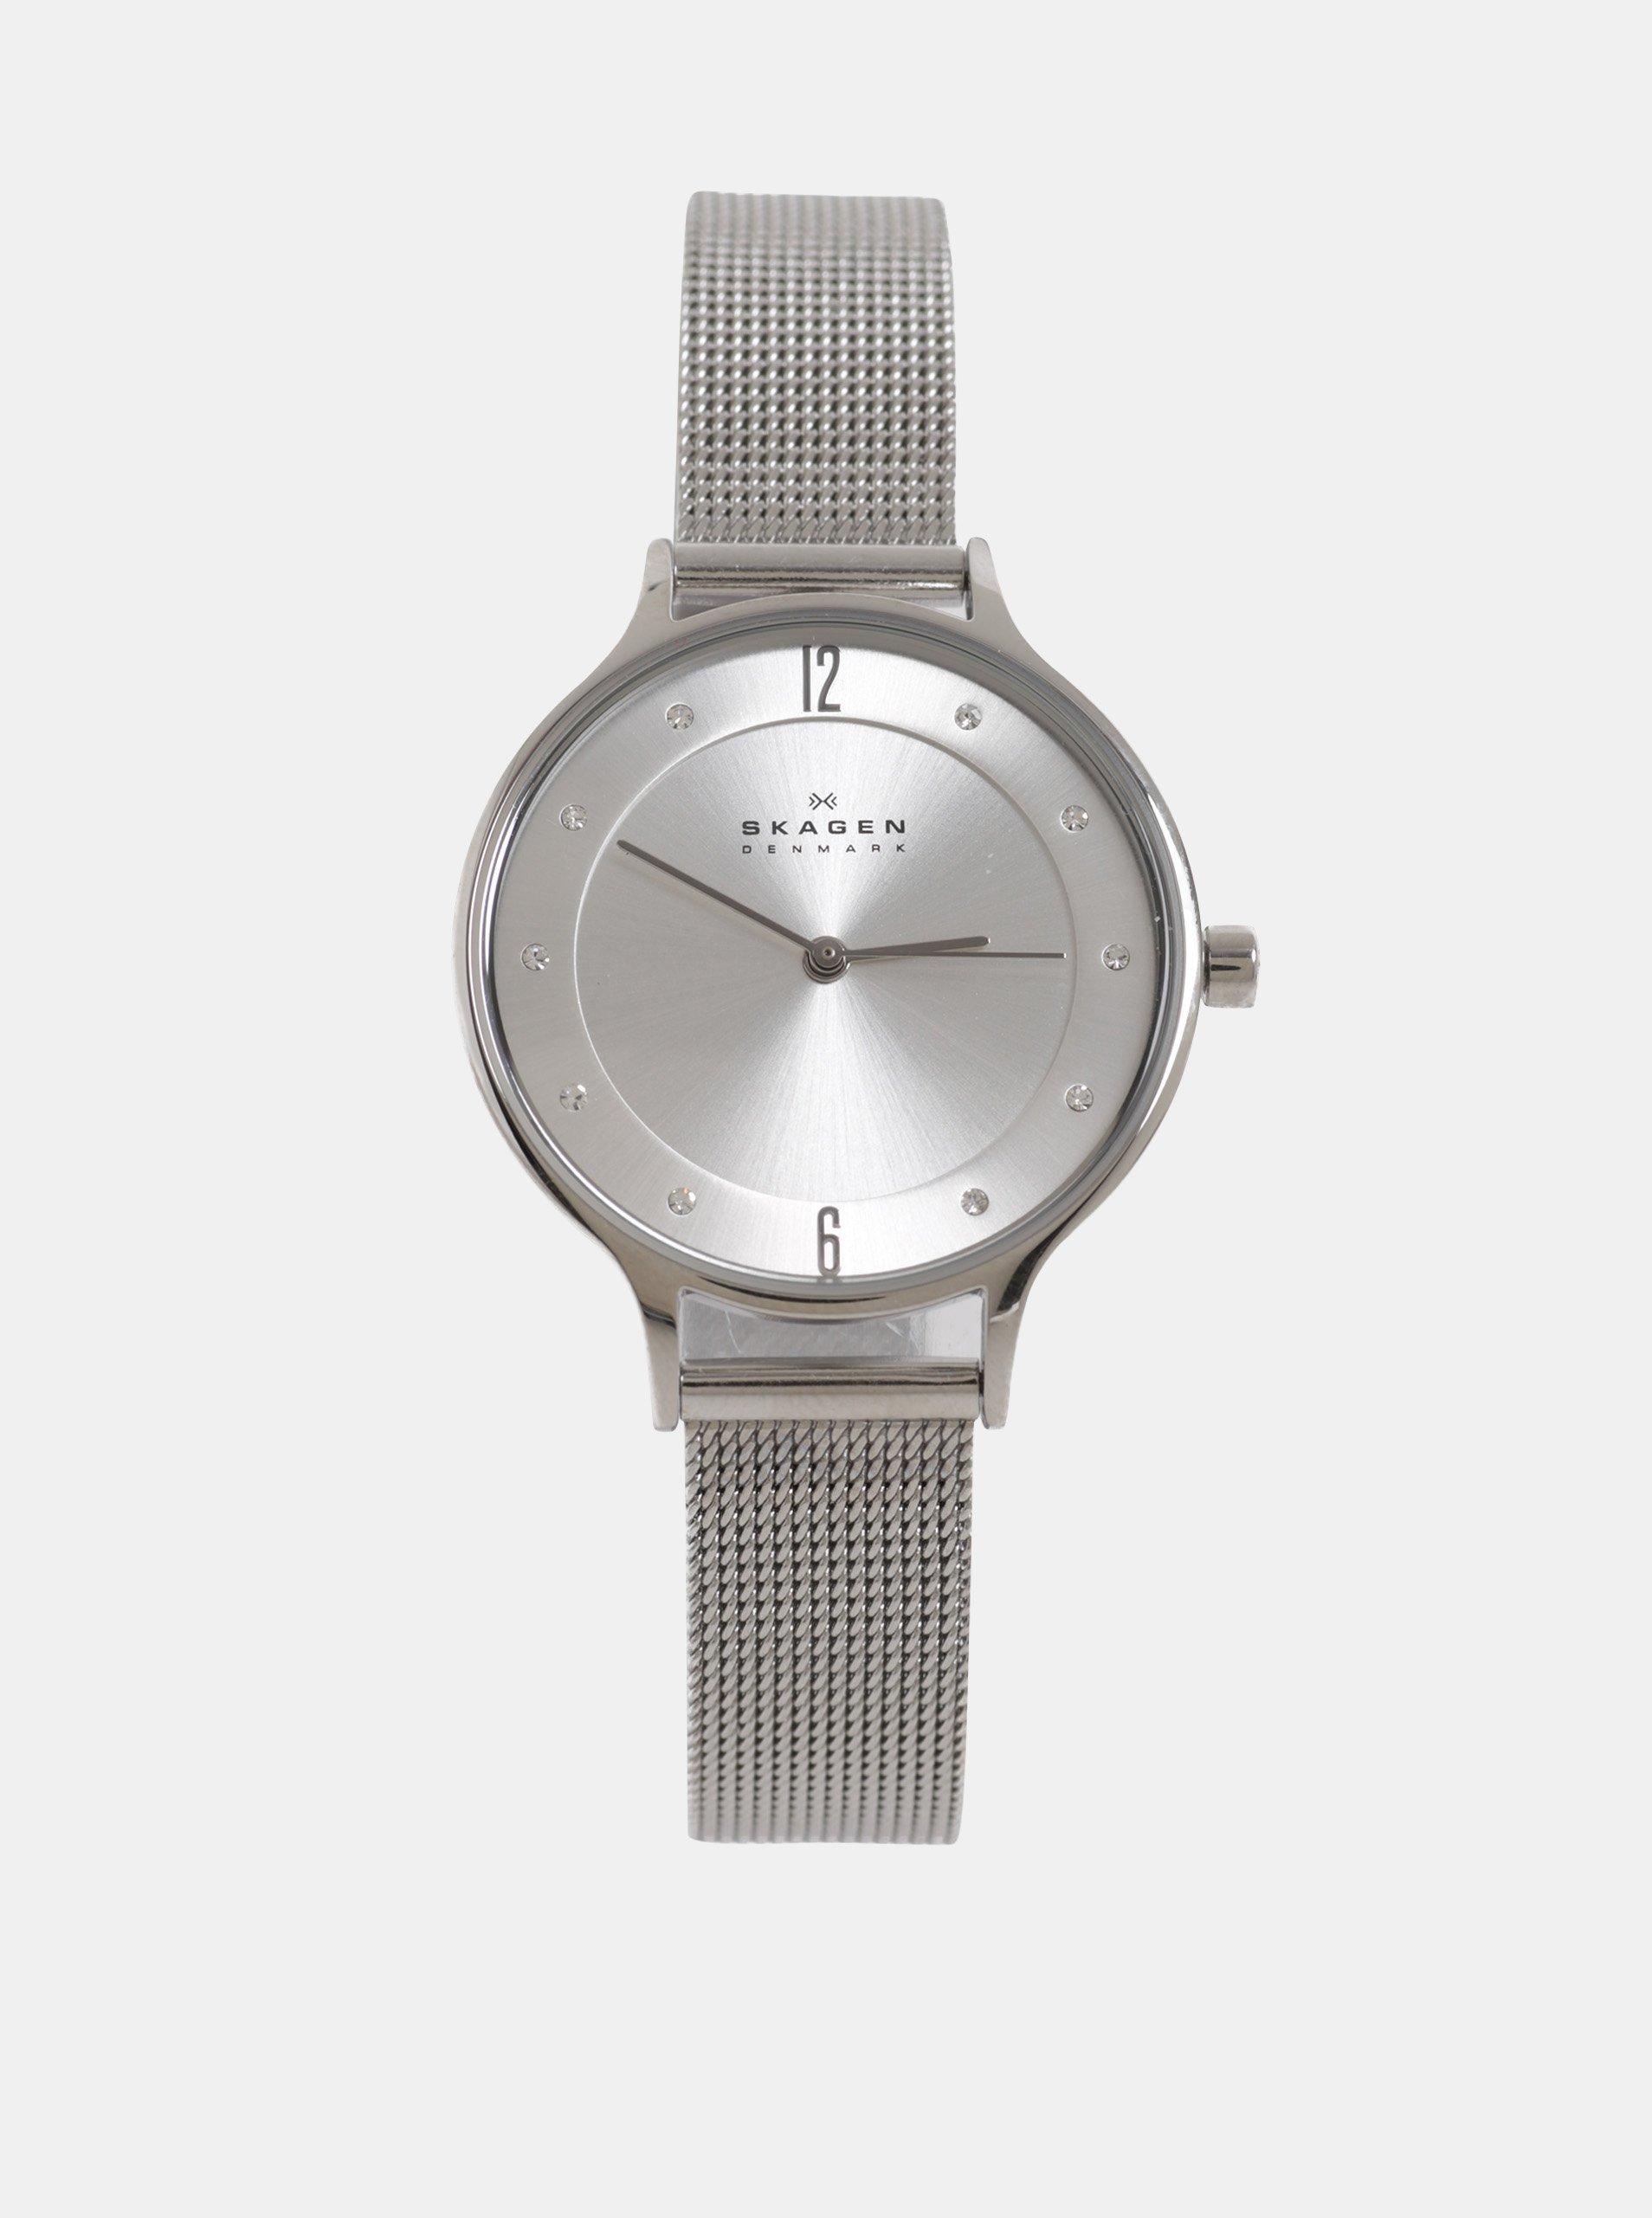 bb1ad0fbd5 Dámské hodinky s nerezovým páskem ve stříbrné barvě Skagen